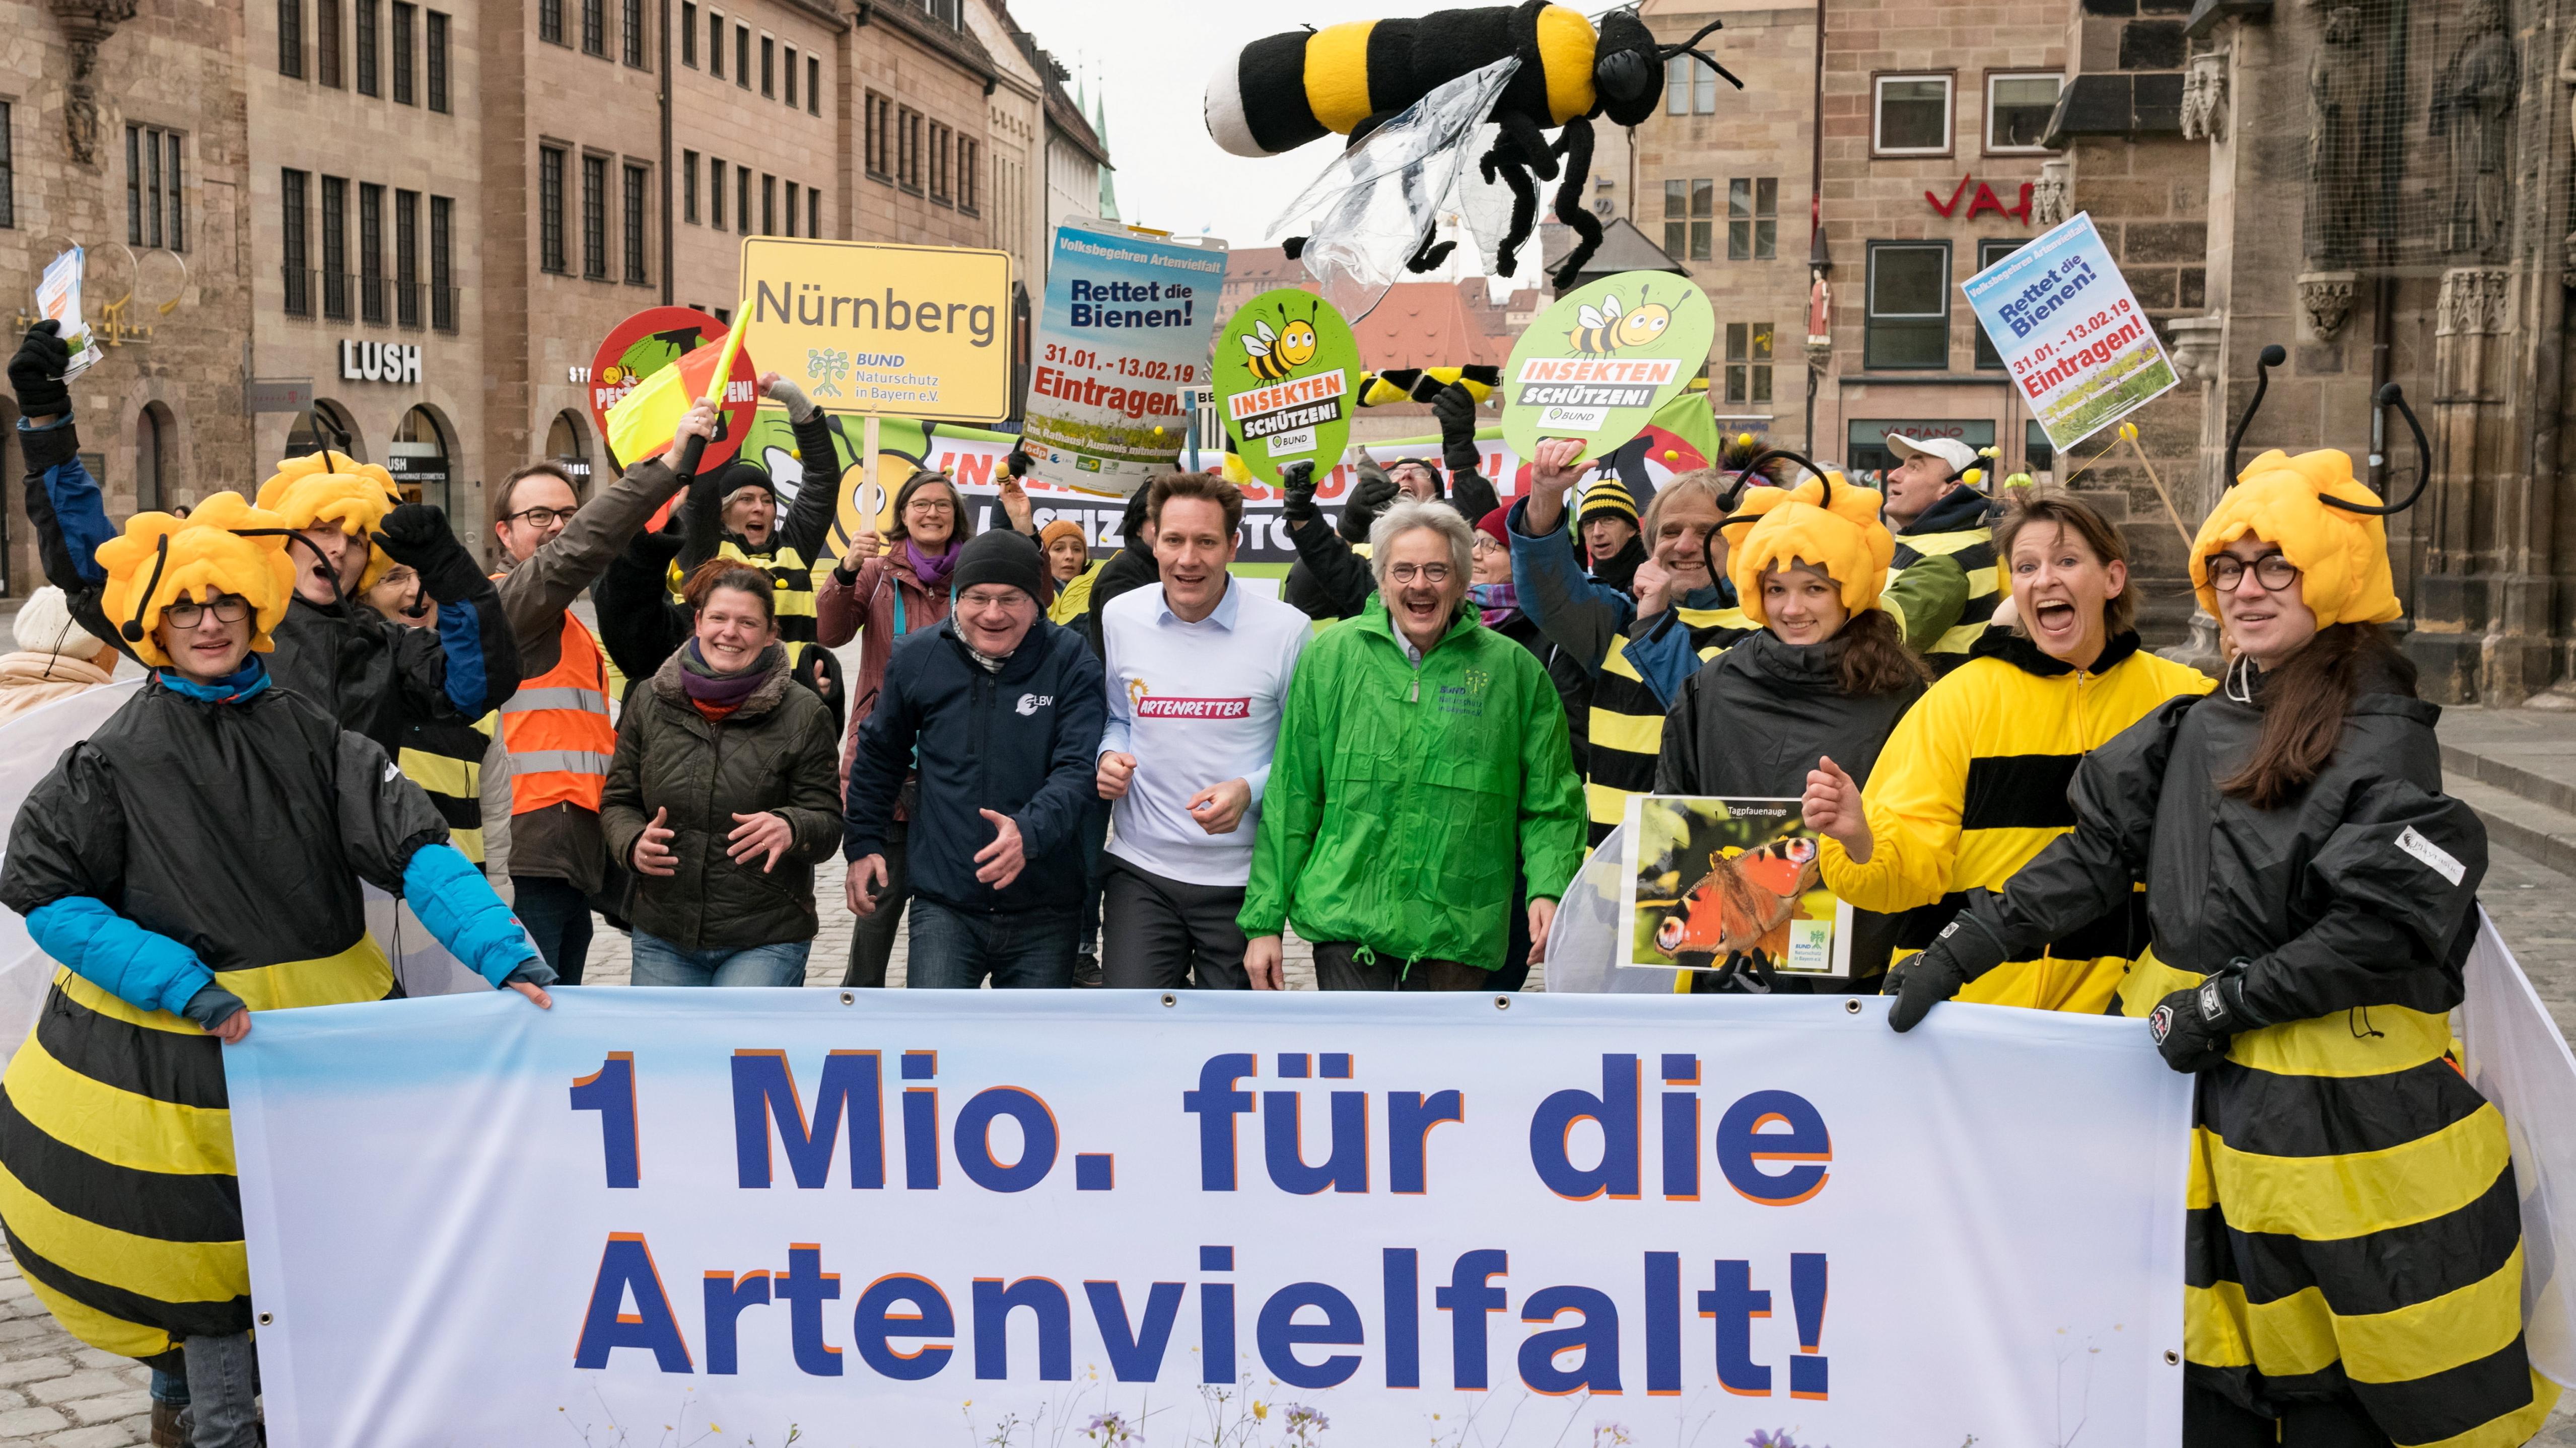 30.1., Nürnberg: Agnes Becker (ÖDP, M,l-r), Norbert Schäffer (LBV), Ludwig Hartmann (Bündnis 90/Die Grünen) und Richard Mergner (Bund Naturschutz) stehen zusammen mit Unterstützern des Volksbegehrens